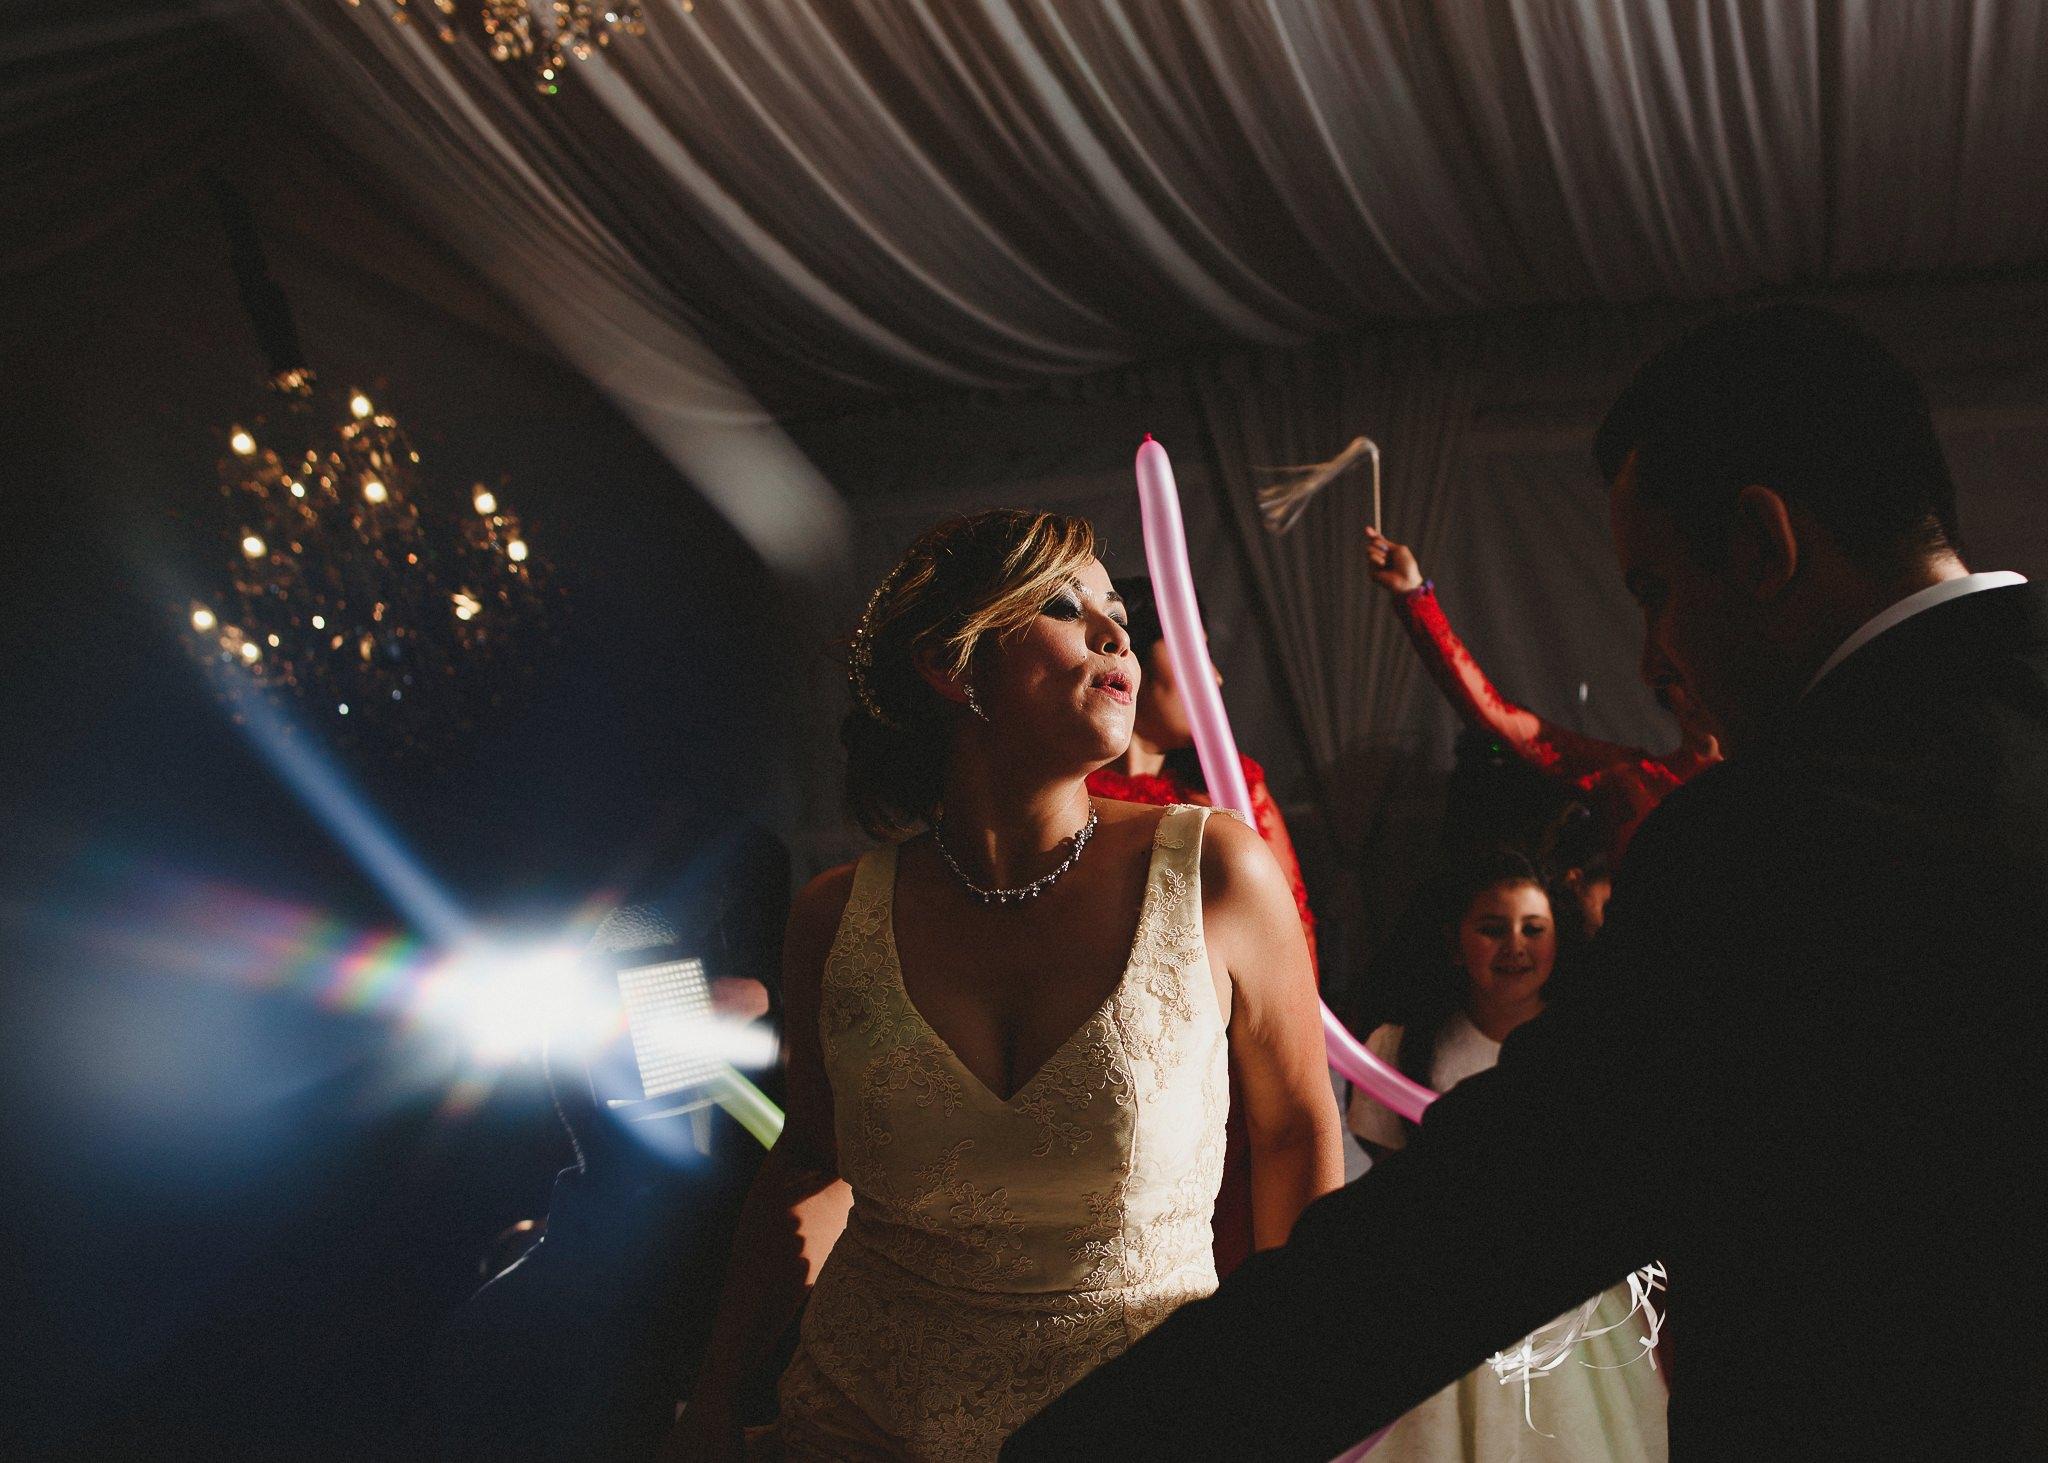 03boda-en-jardin-wedding-hacienda-los-cuartos-fotografo-luis-houdin138